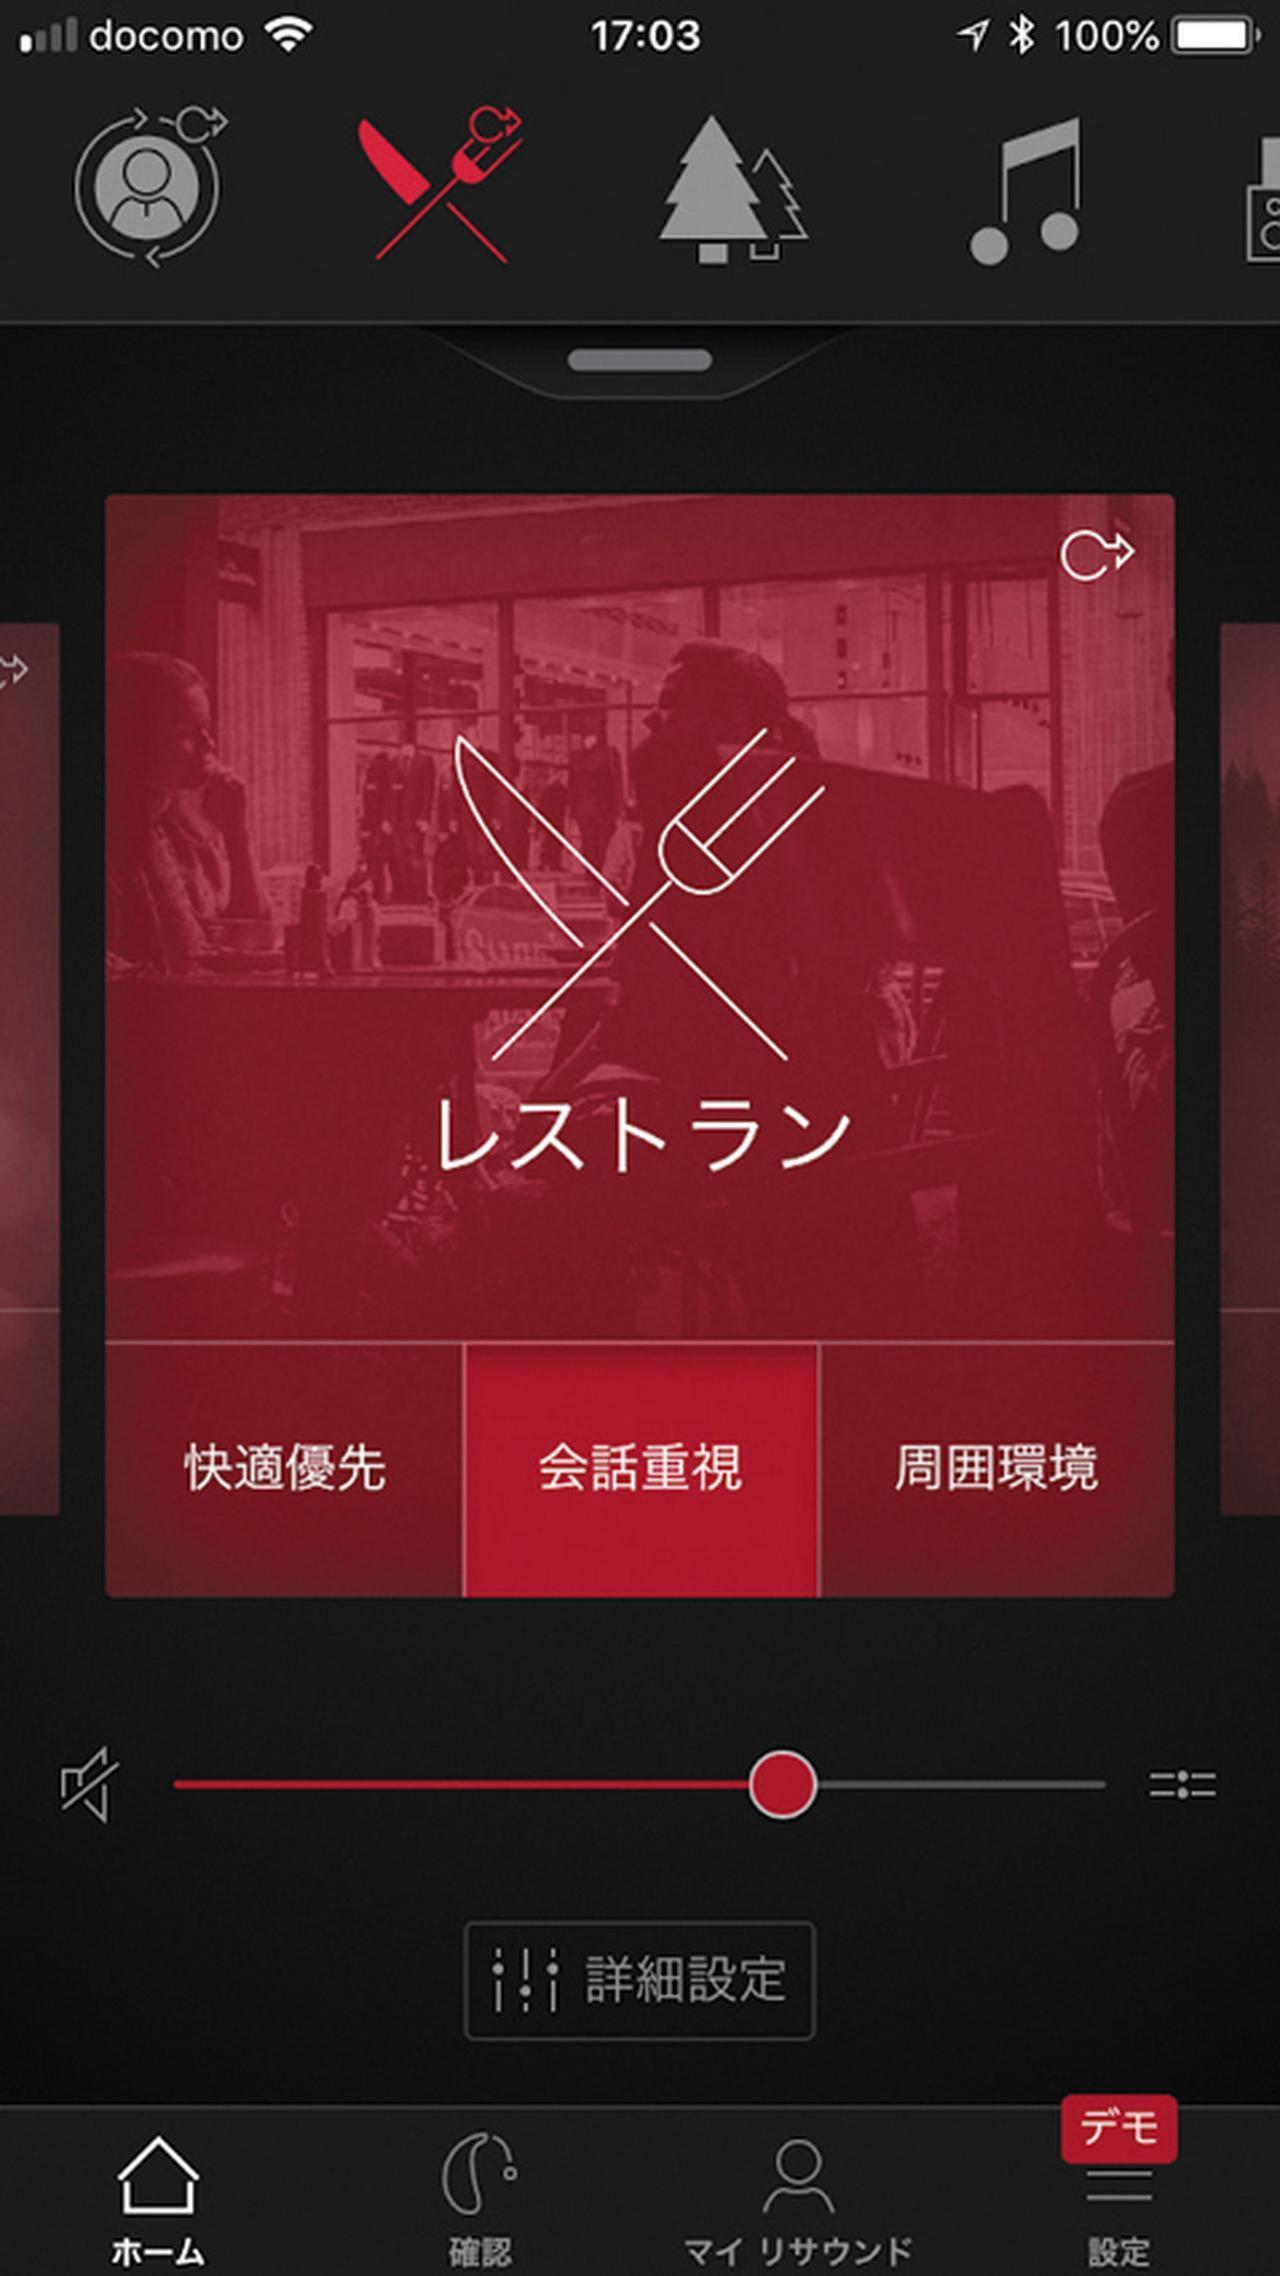 画像: 専用アプリの「リサウンド・スマート3Dアプリ」の画面。多彩な機能を持つ。